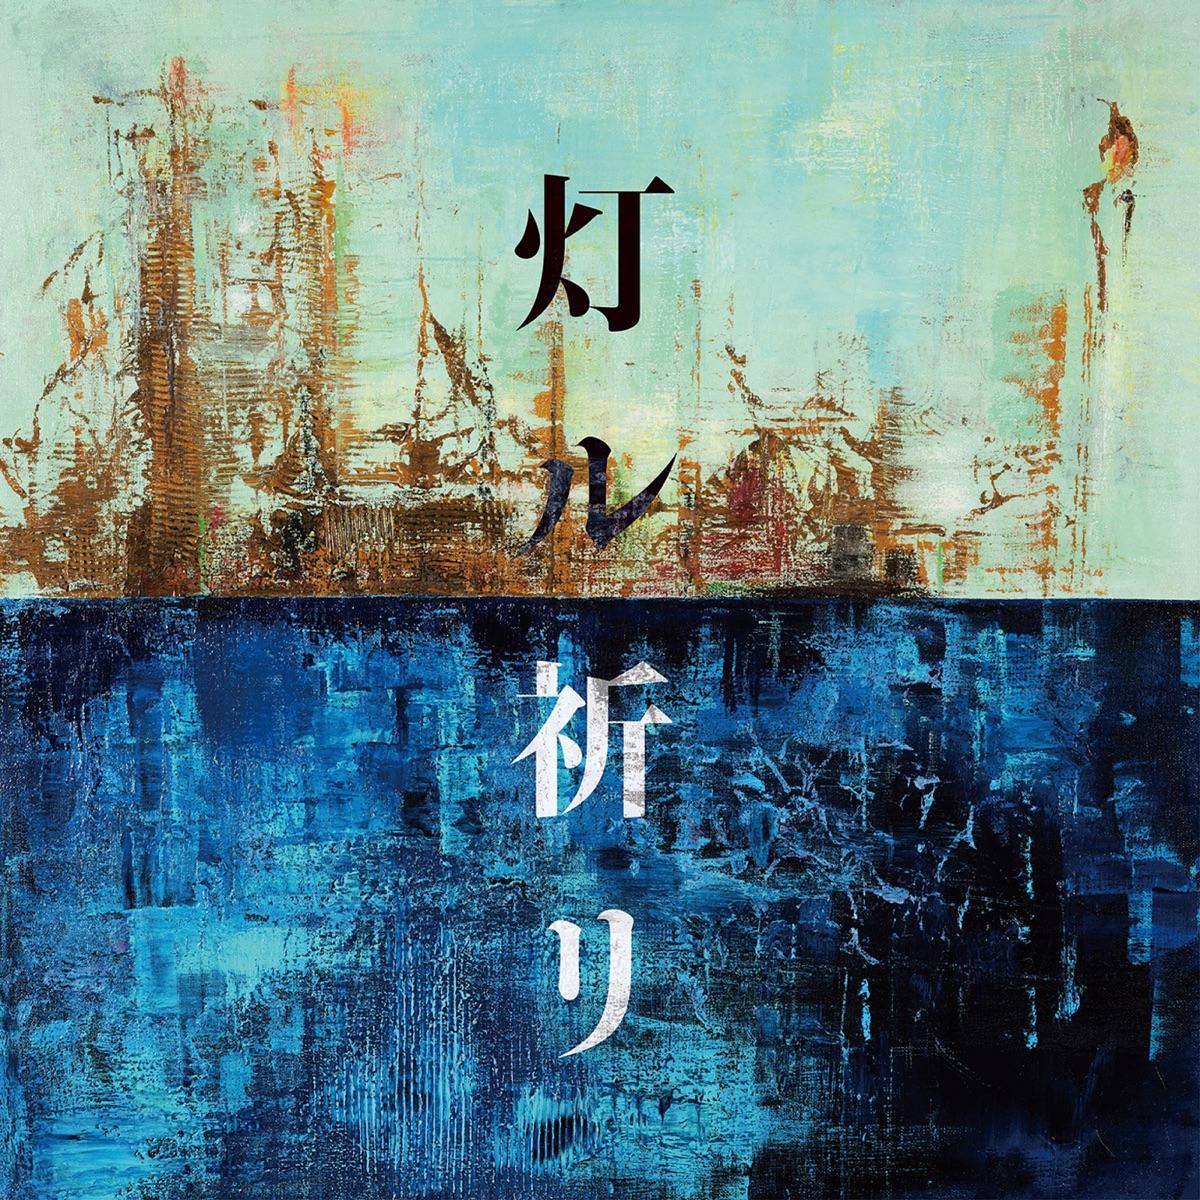 『コブクロ - 灯ル祈リ 歌詞』収録の『灯ル祈リ』ジャケット